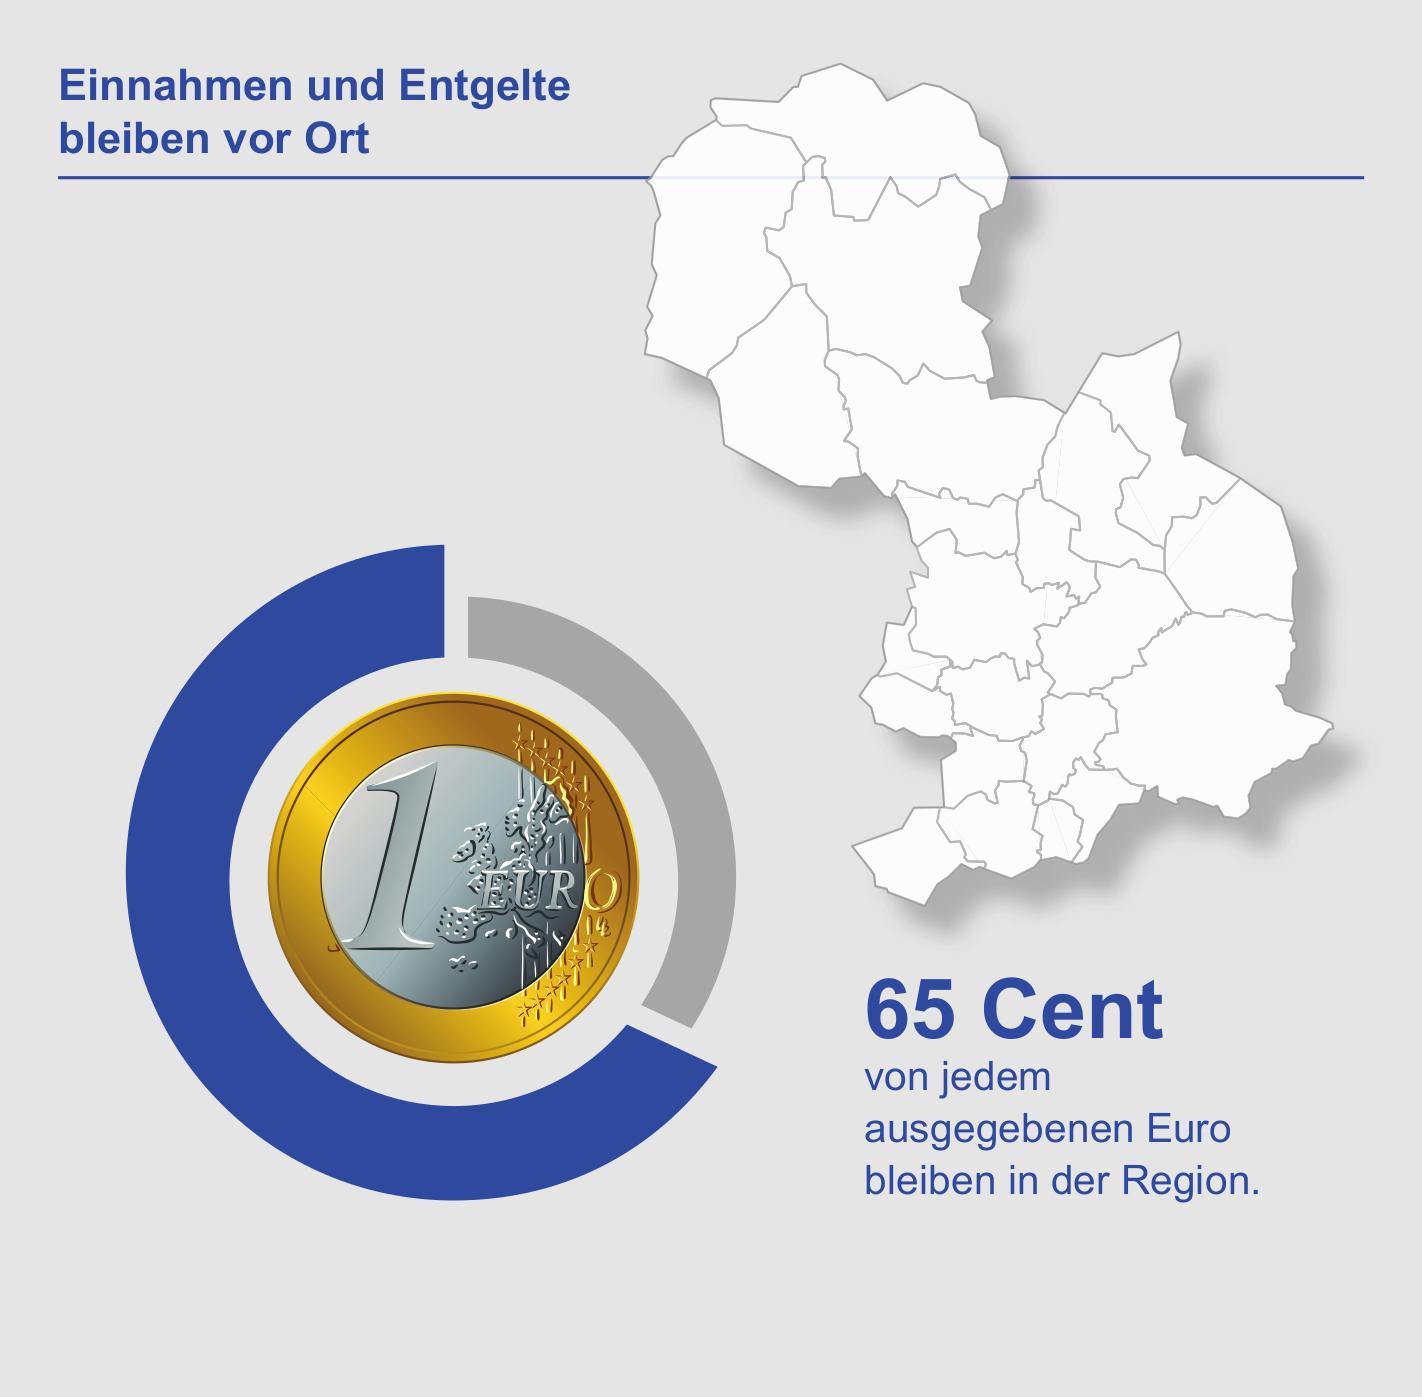 65 Prozent der Einnahmen der AWIGO-Gruppe, also nahezu zwei Drittel, verbleiben in der Region (Regionale Inzidenz).